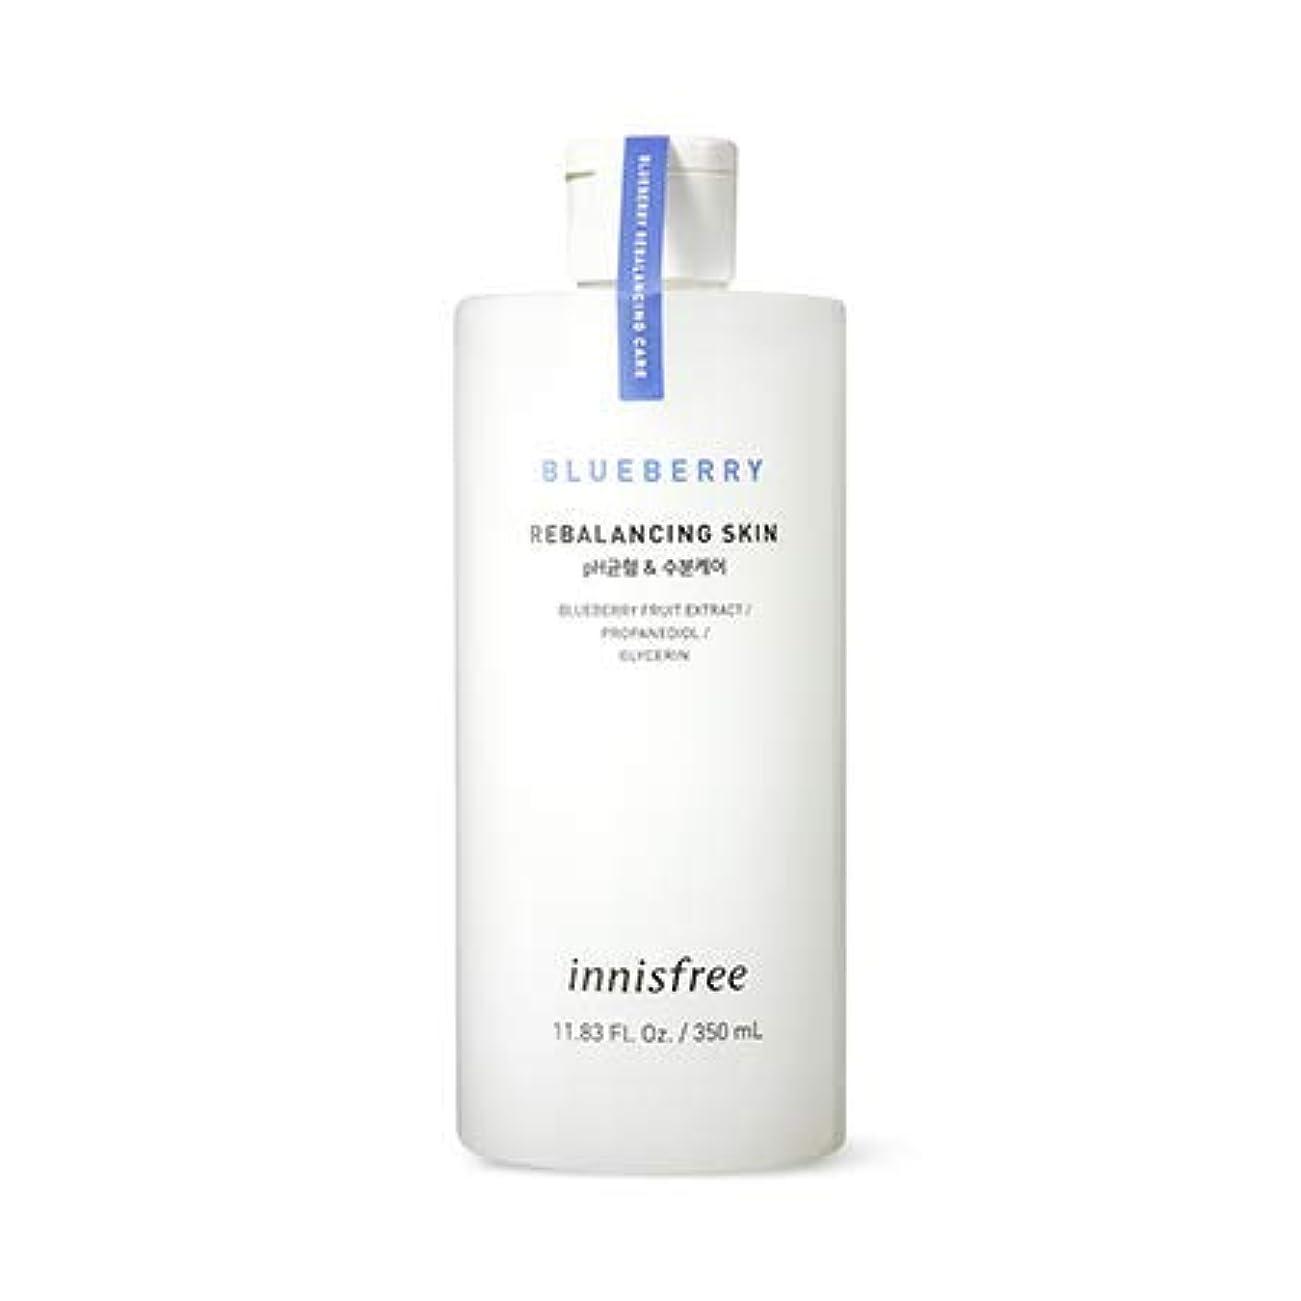 [イニスフリー.innisfree]ブルーベリーリバランシングスキン(2019新発売)/ Blueberry Rebalancing Skin (大容量(350ml))